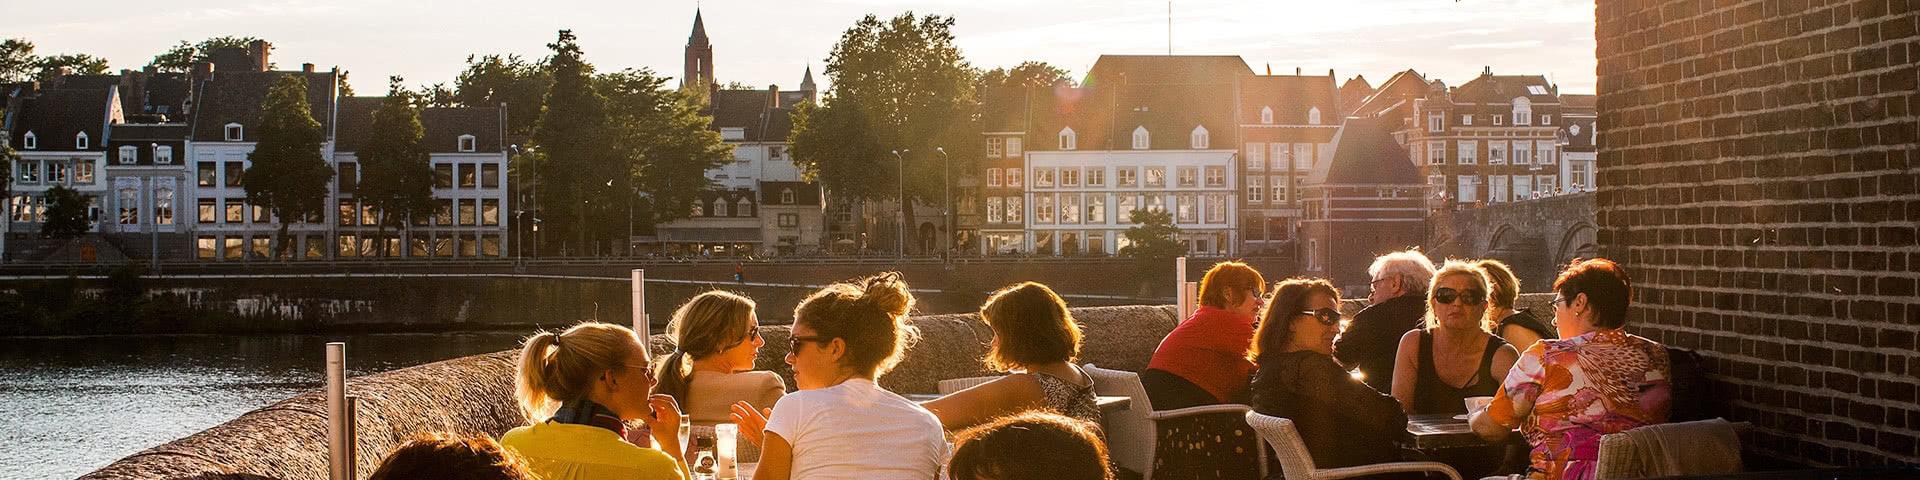 Menschen sitzen auf der Terasse vom Café Maas in Maastricht bei Sonnenuntergang